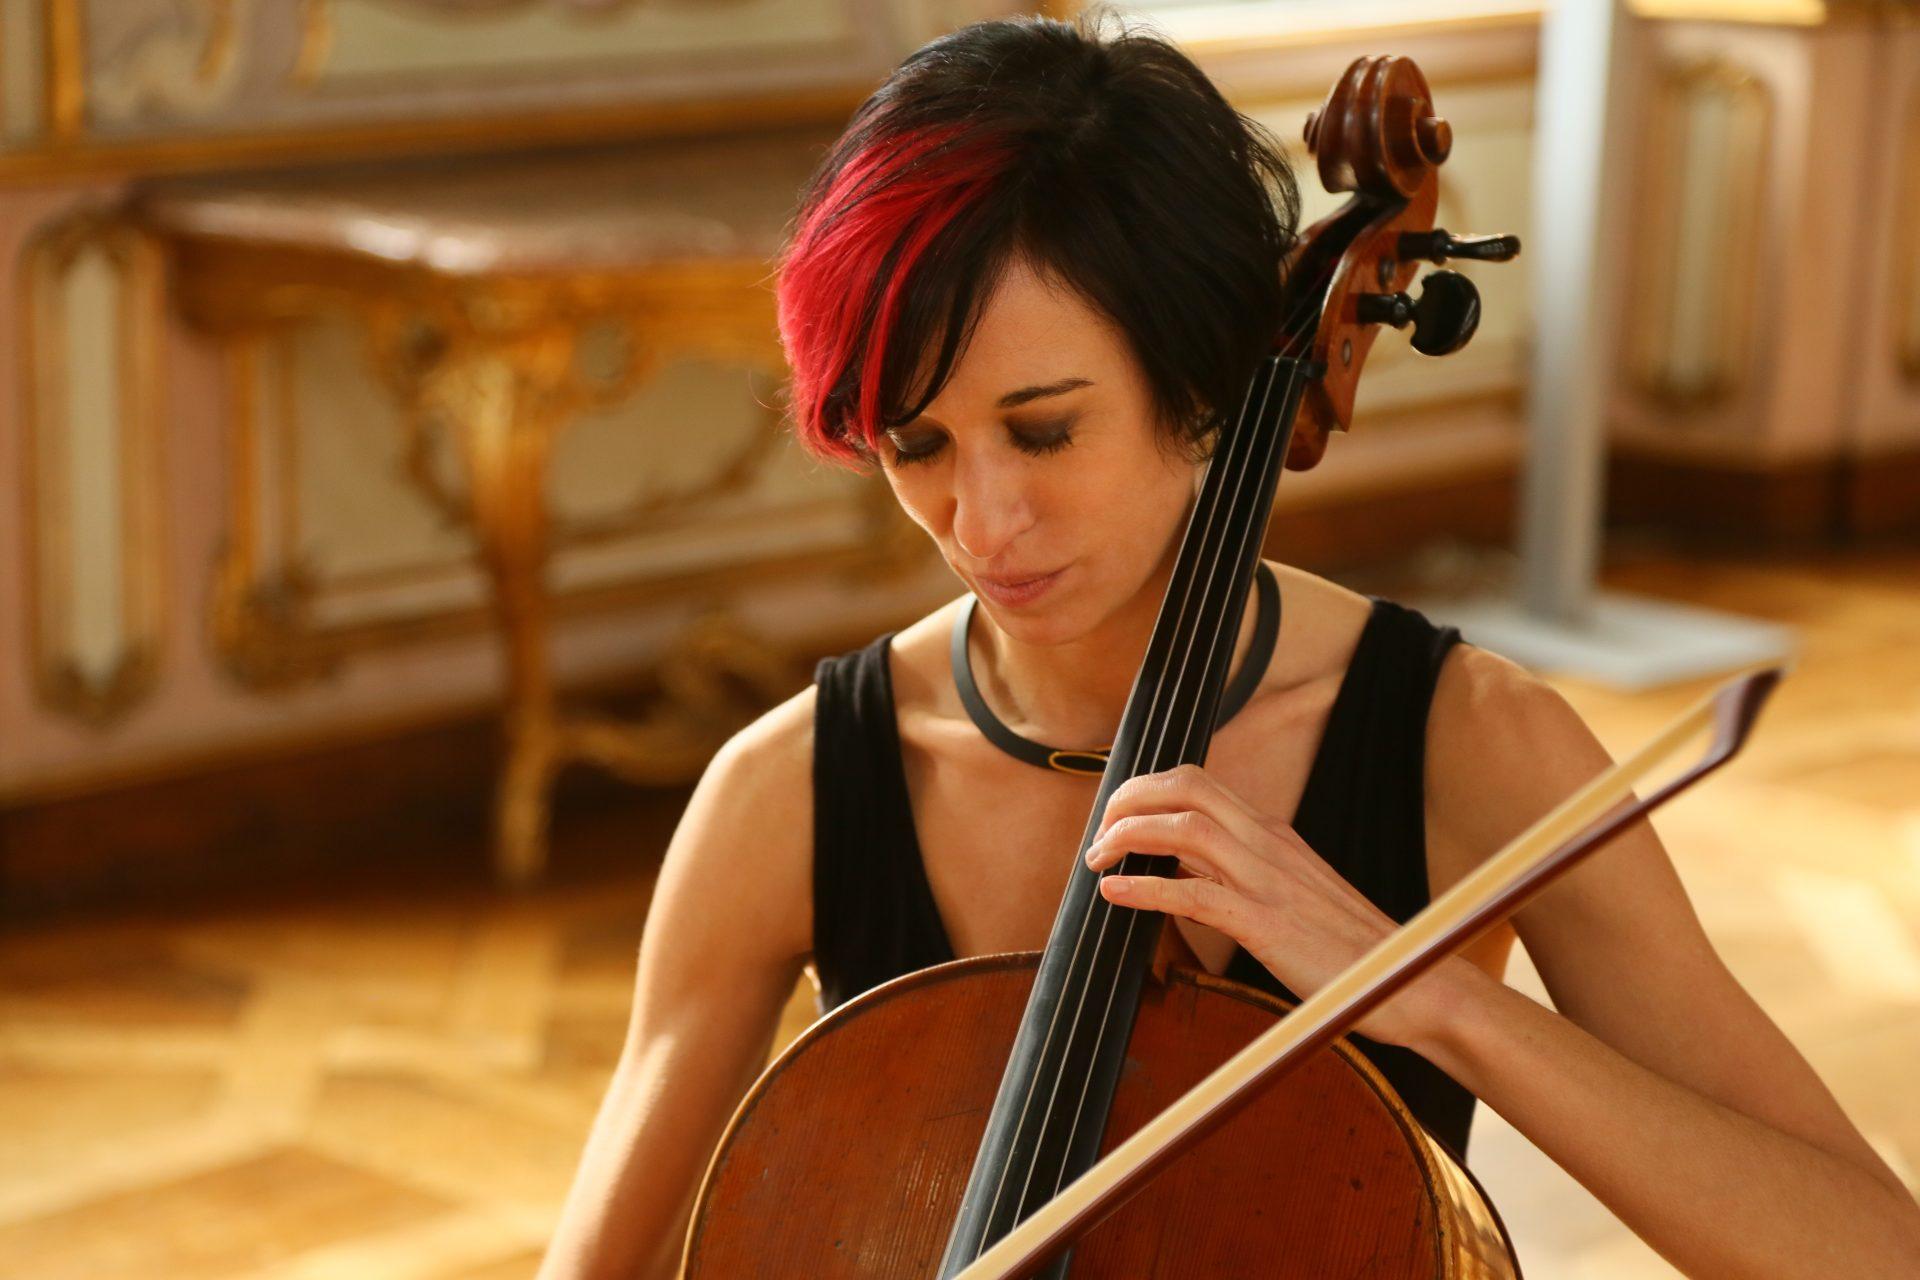 Das Cello im Flugzeug – oder die Liebe einer außergewöhnlichen Musikerin zu ihrem Instrument